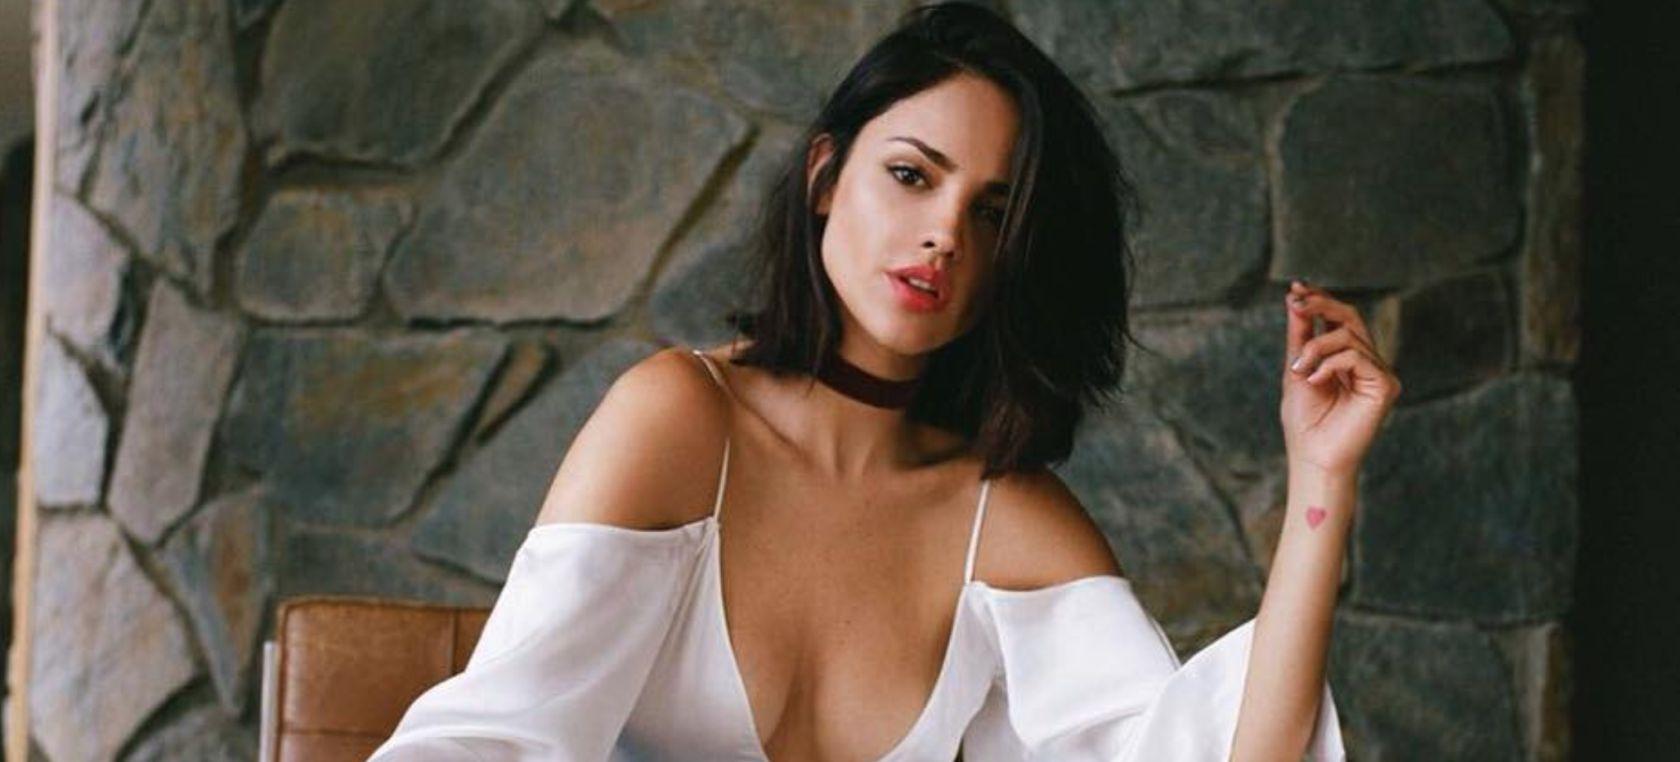 Instagram Eiza Gonzalez nude photos 2019